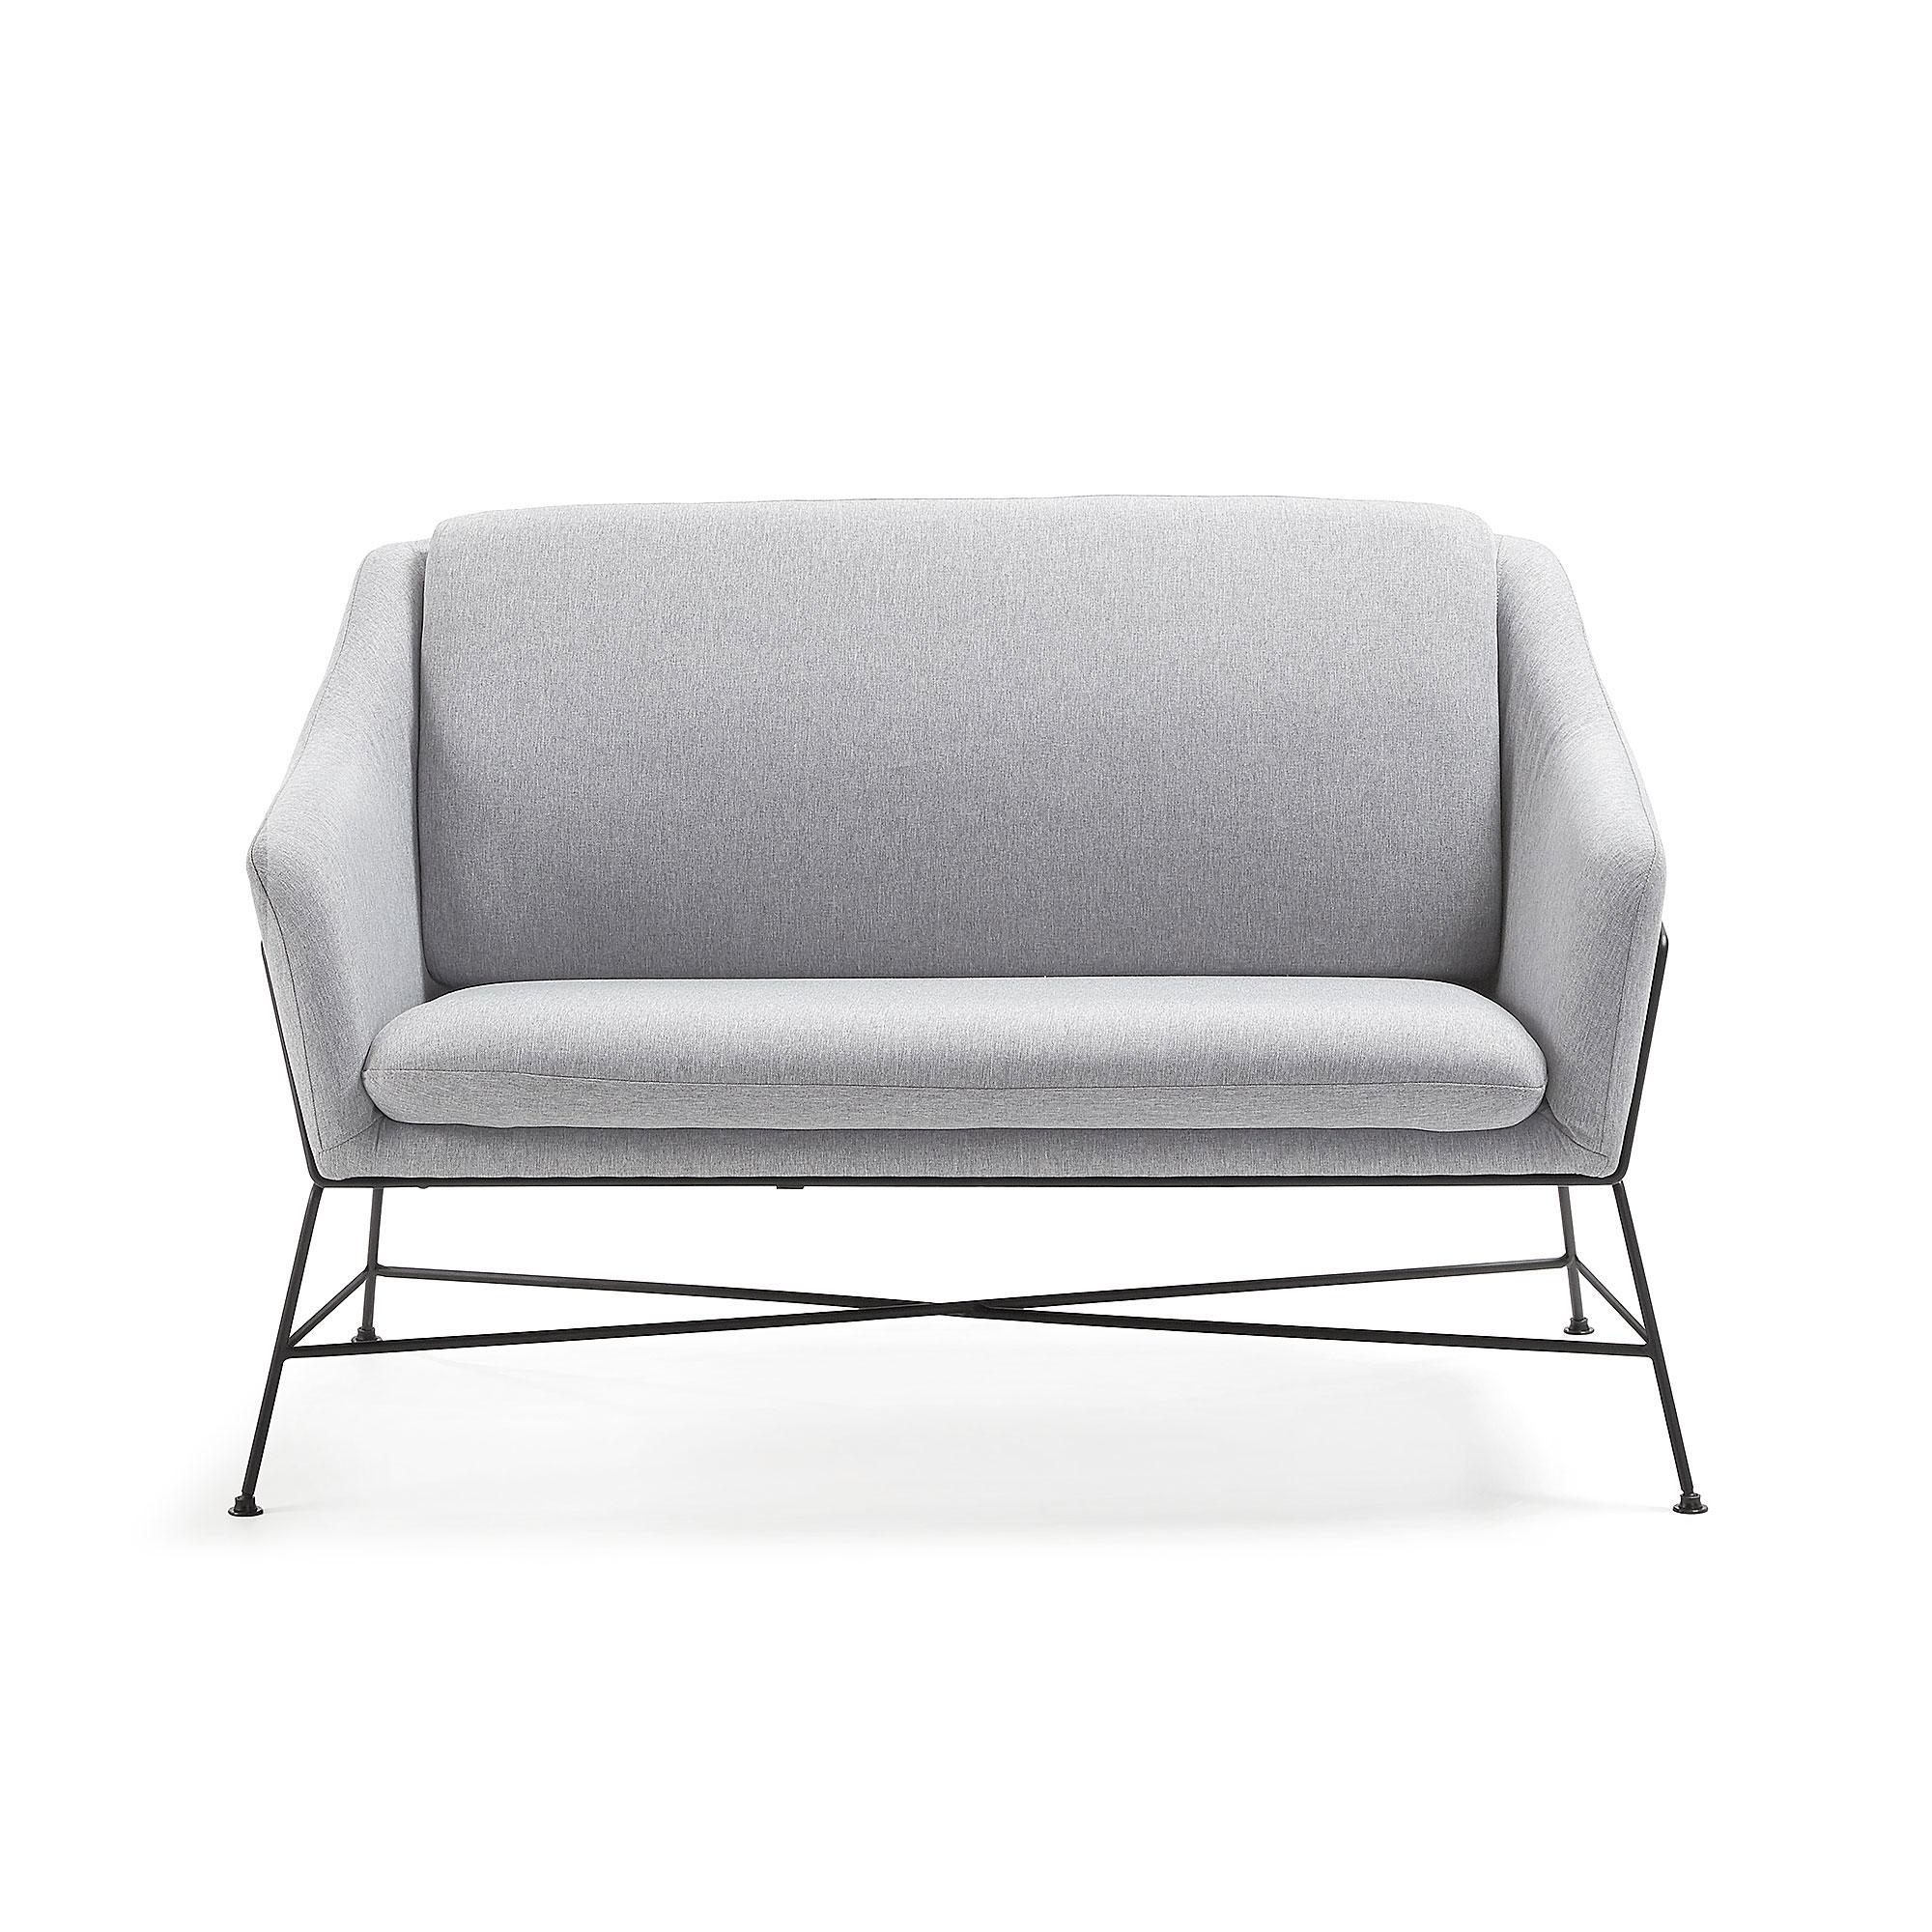 La forma диван двухместный brida серый 118407/7